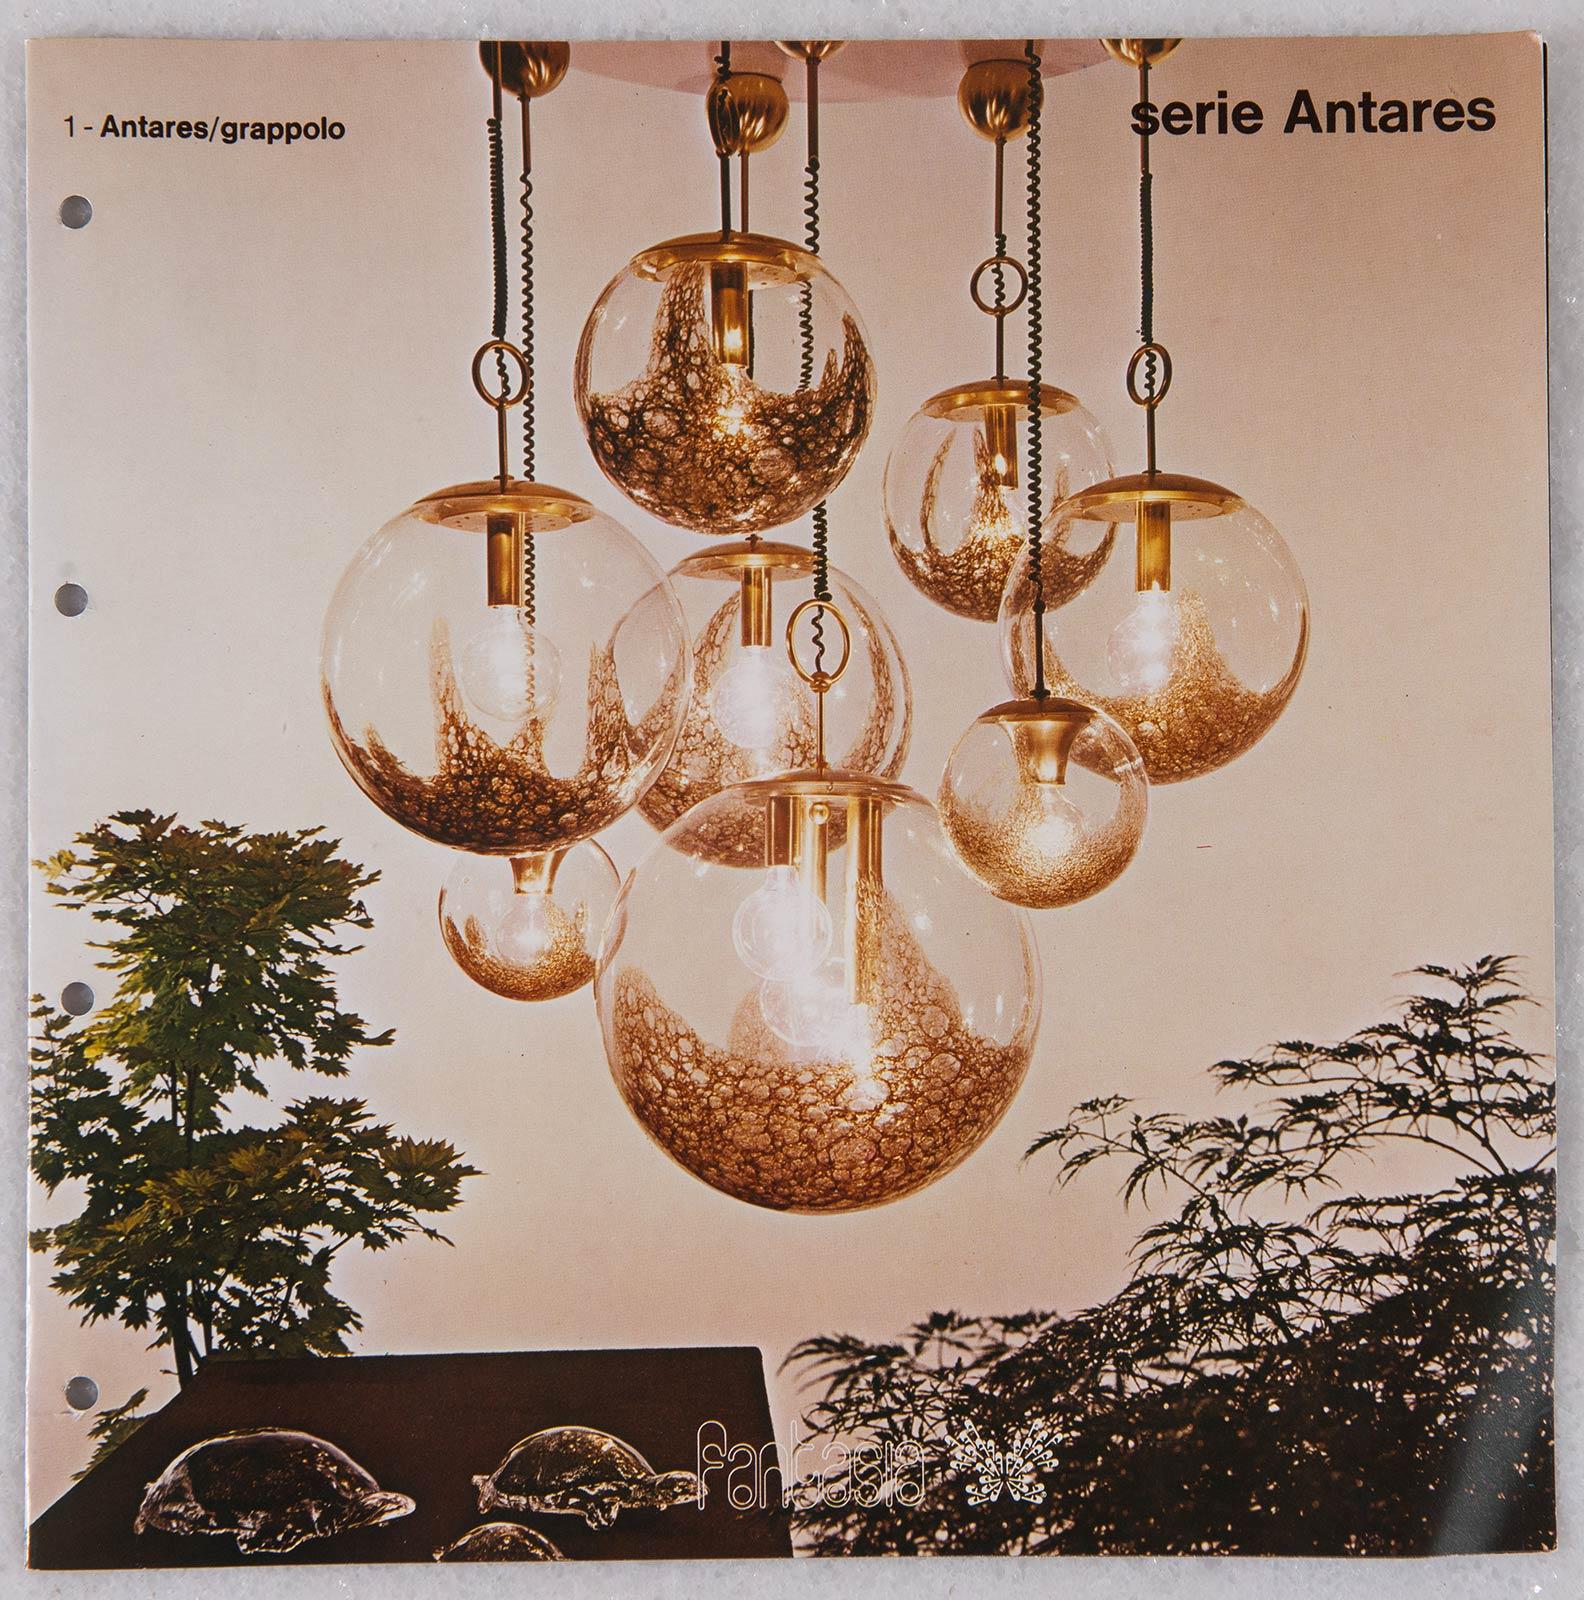 Antares, Sospensione, Anni '70. - Image 4 of 4